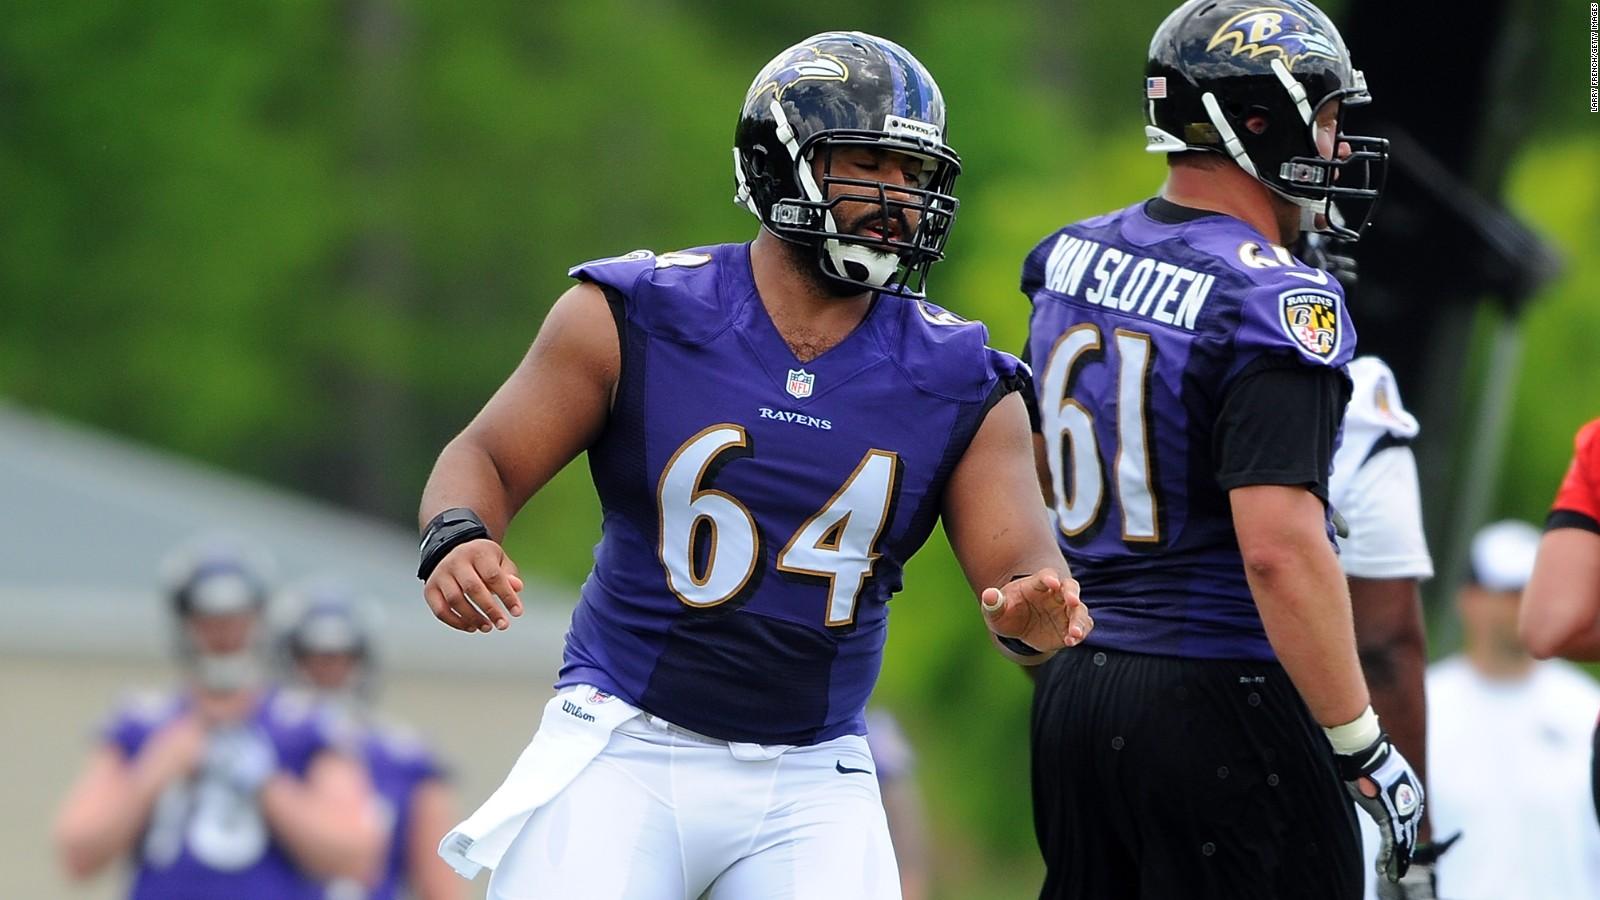 Baltimore Ravens' guard John Urschel is a math whiz - CNN on